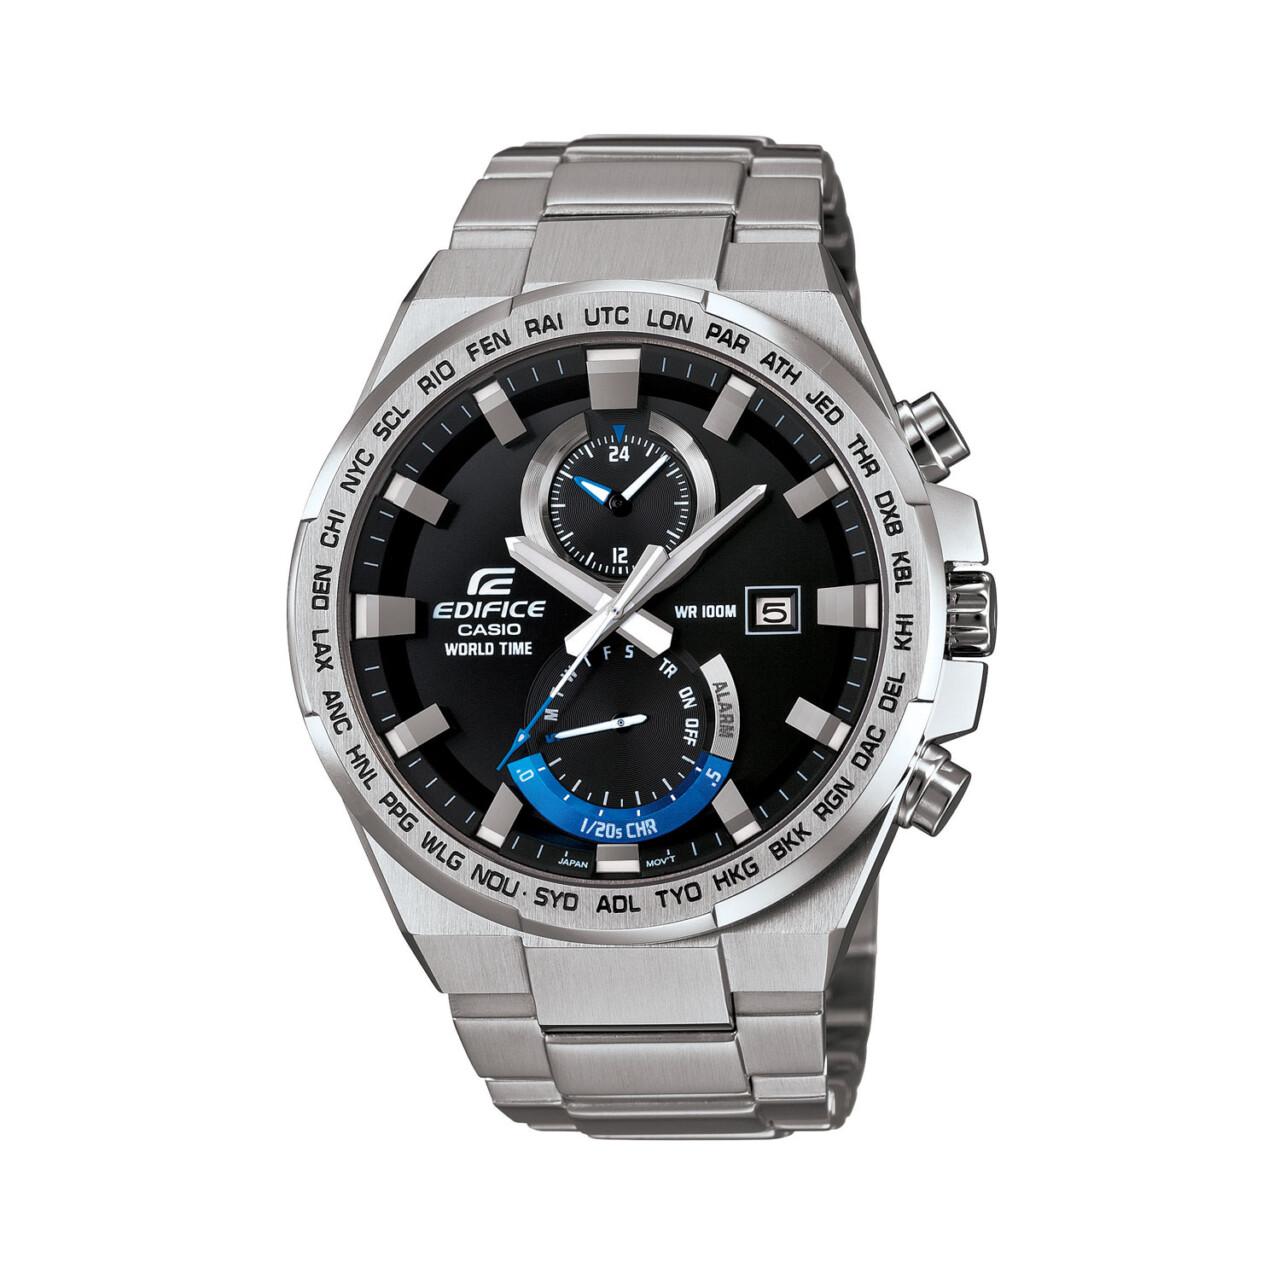 Мужские часы CASIO купить в интернет-магазине ОНЛАЙН